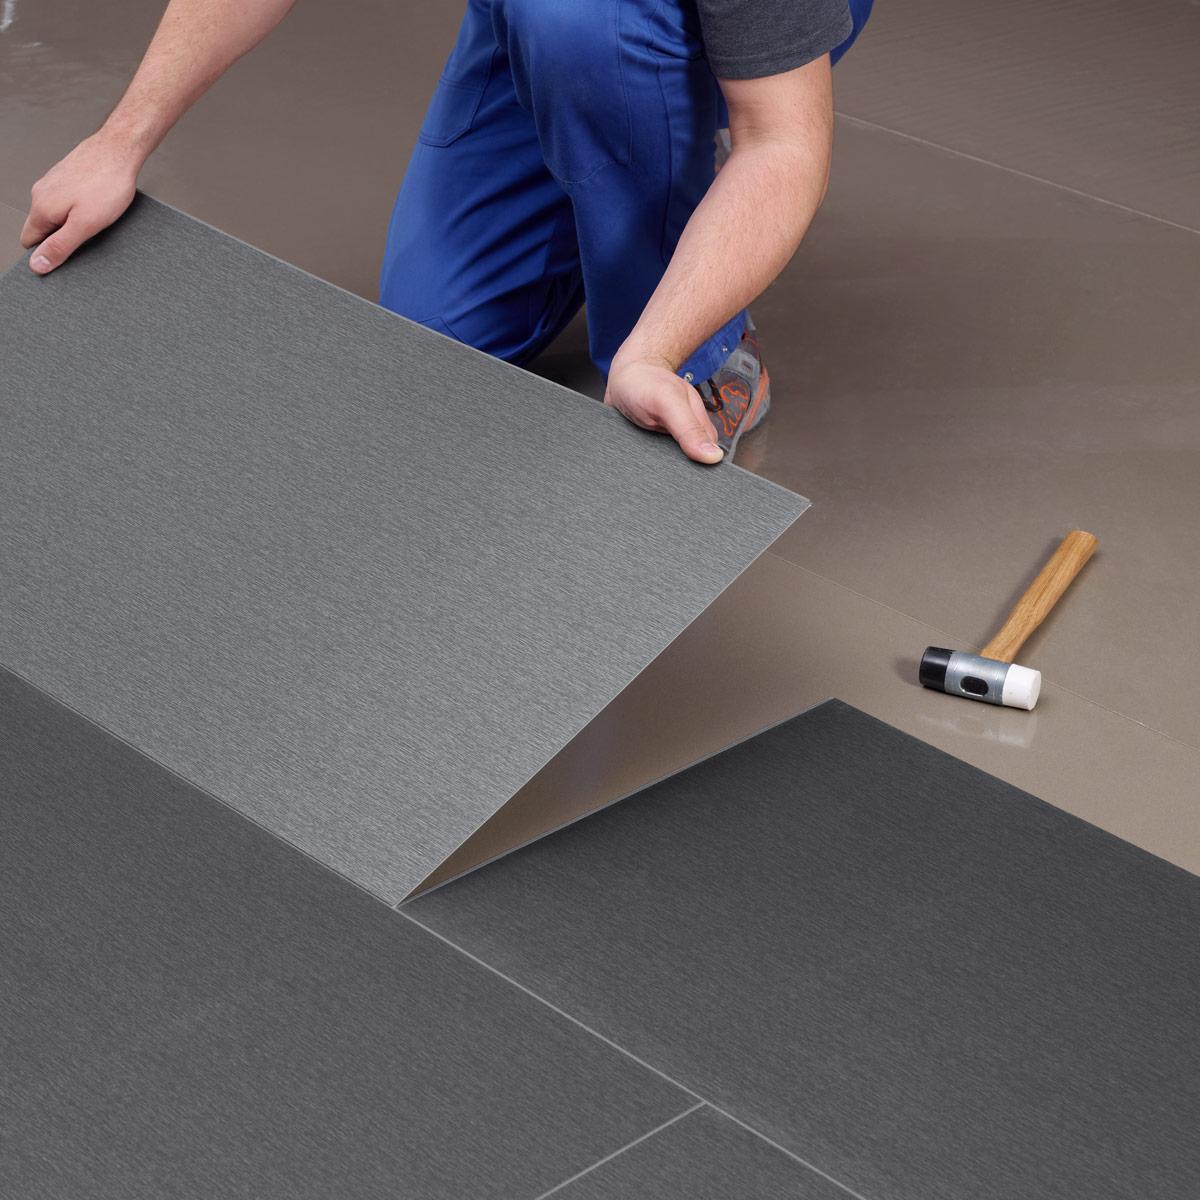 wineo Designboden Verlegetechnik Boden wird eingeklickt